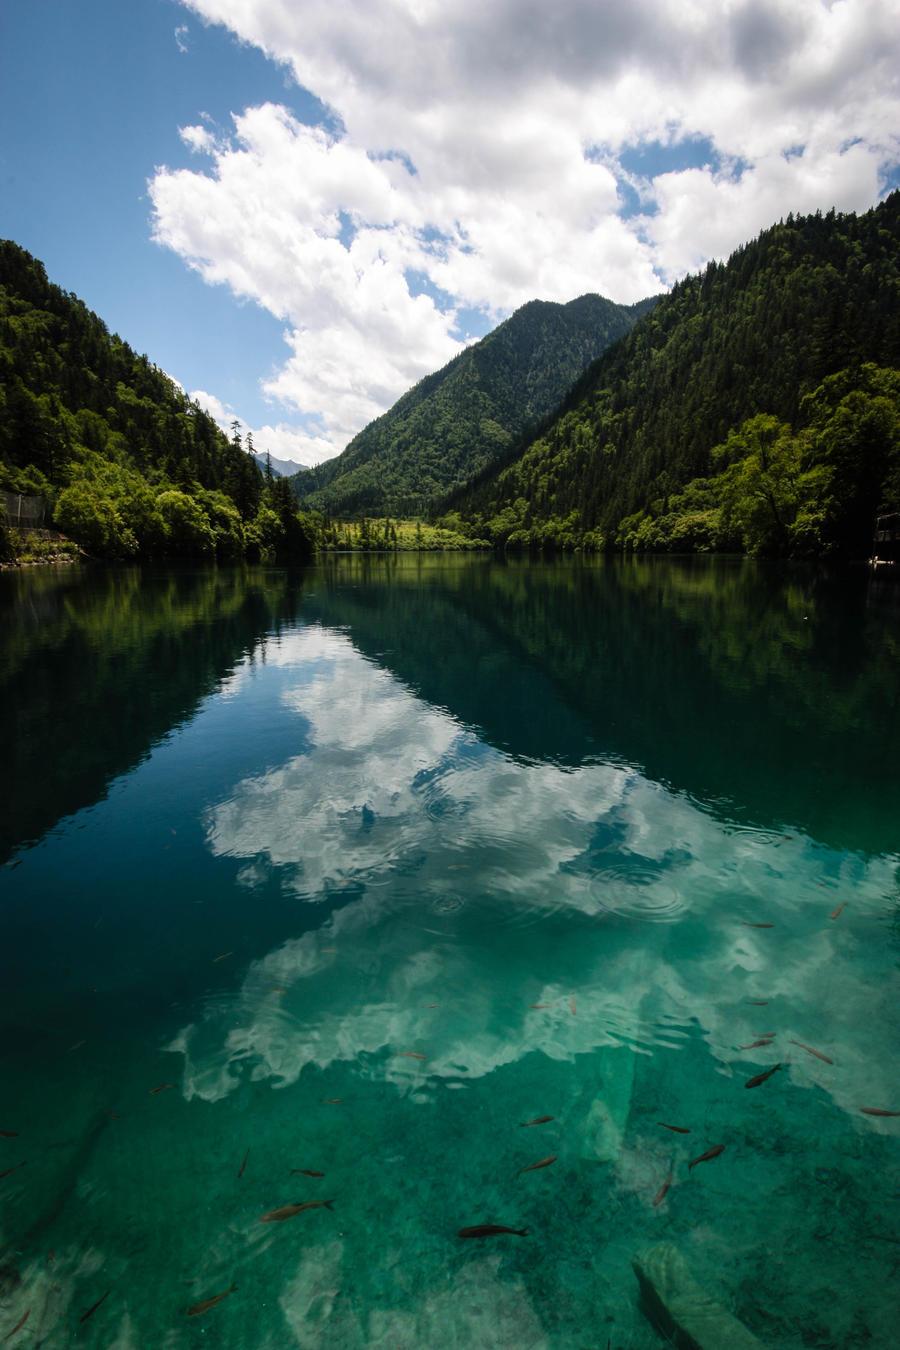 Jiuzhaigou - Panda Lake by stinebamse